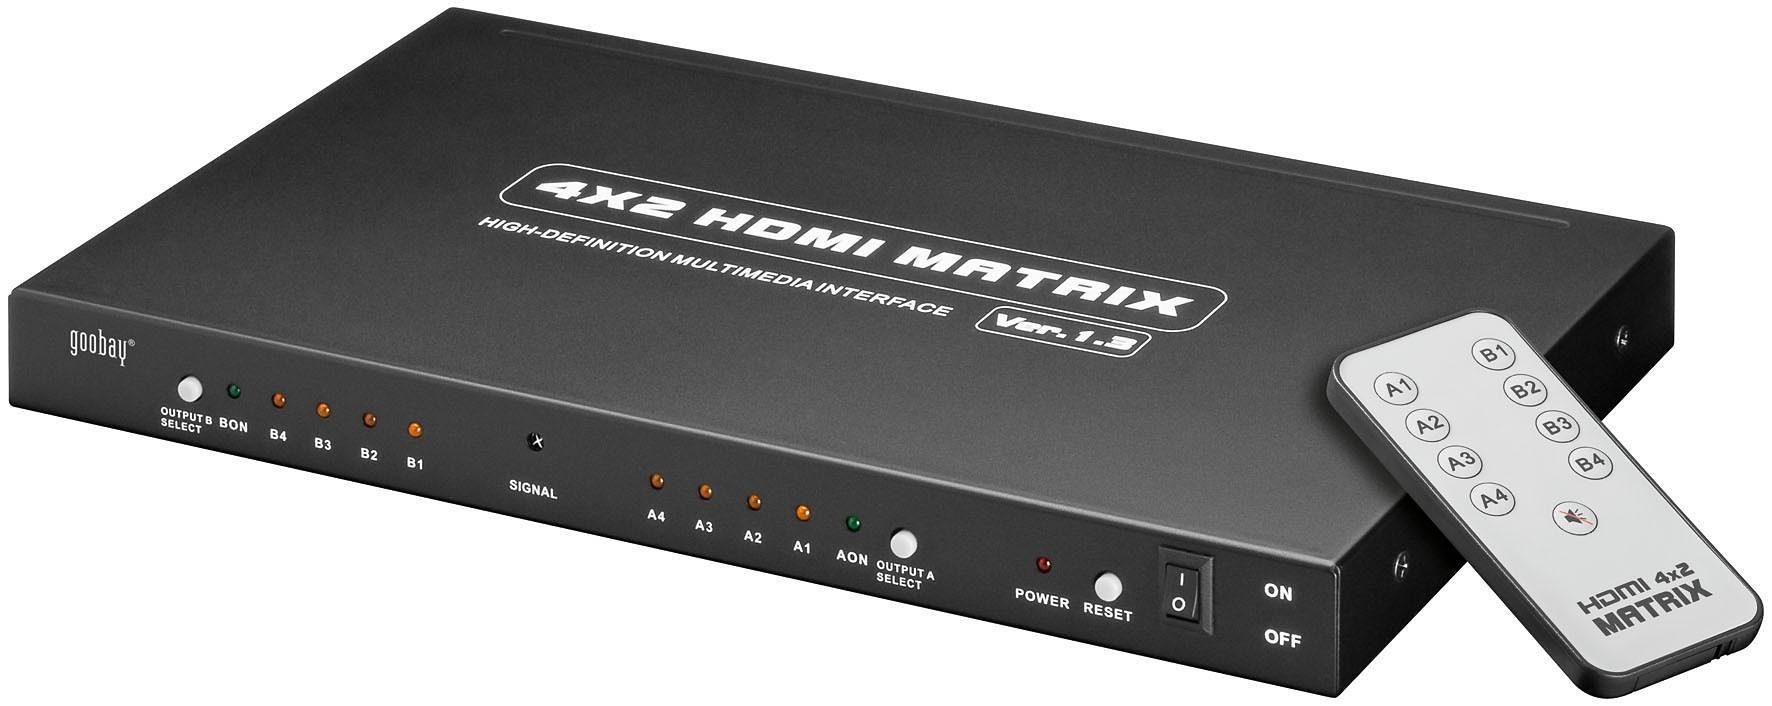 goobay HDMI Matrix 4 x 2 »Übertragung von 4 HDMI Signalen auf 2 TVs«